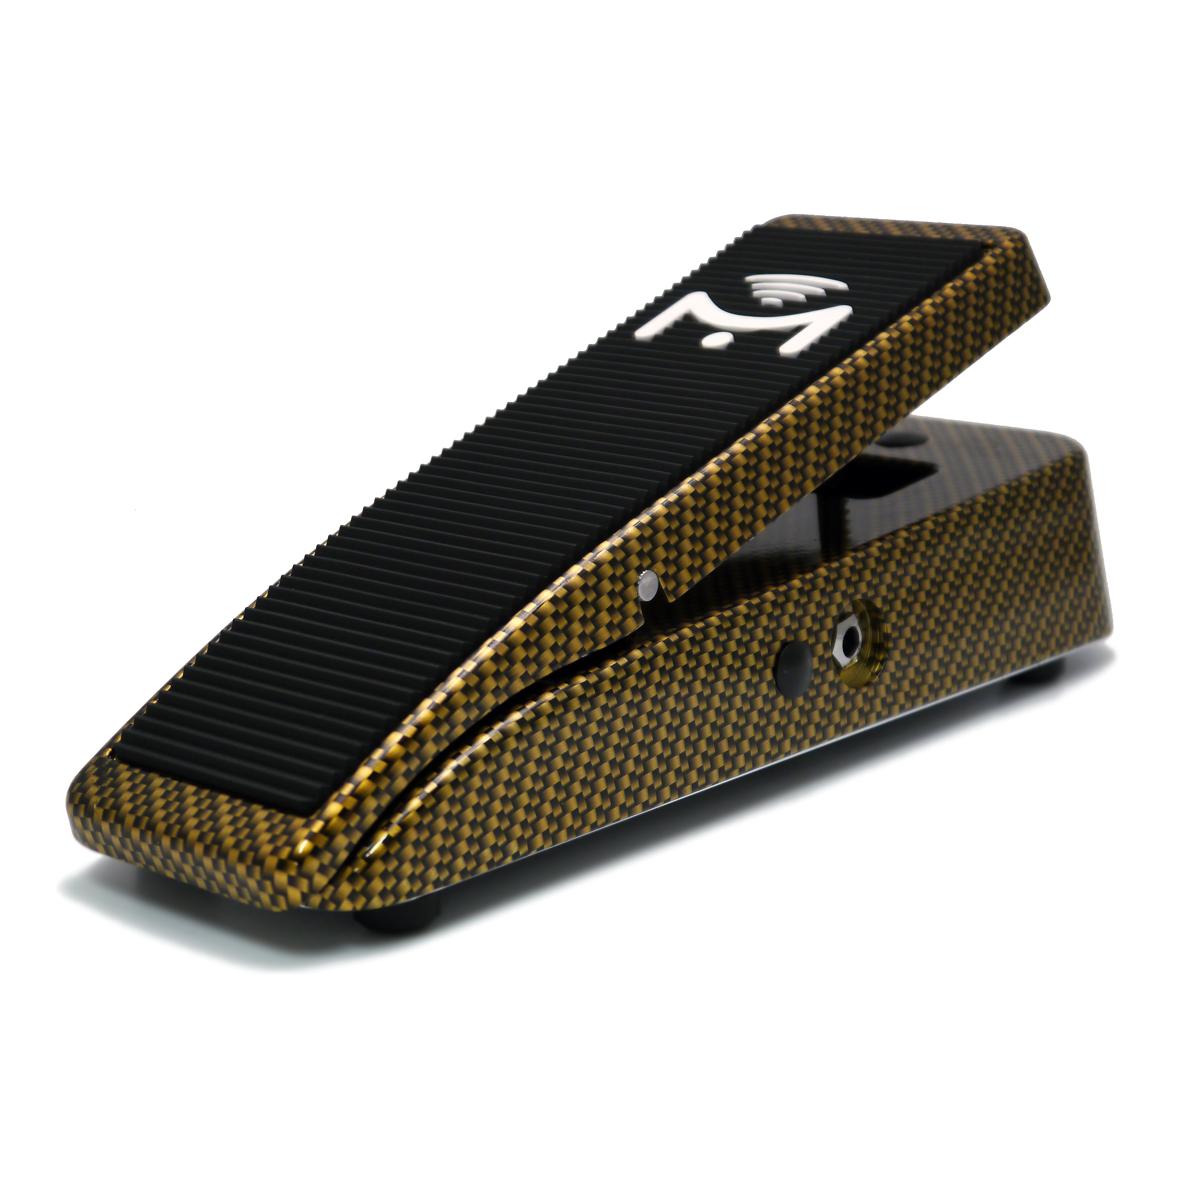 mission-engineering-ep-25-pro-gc-aero-pedale-di-espressione-doppia-uscita-per-chitarra-elettrica-leggero-ed-ergonomico-gold-carbon-fibre-1